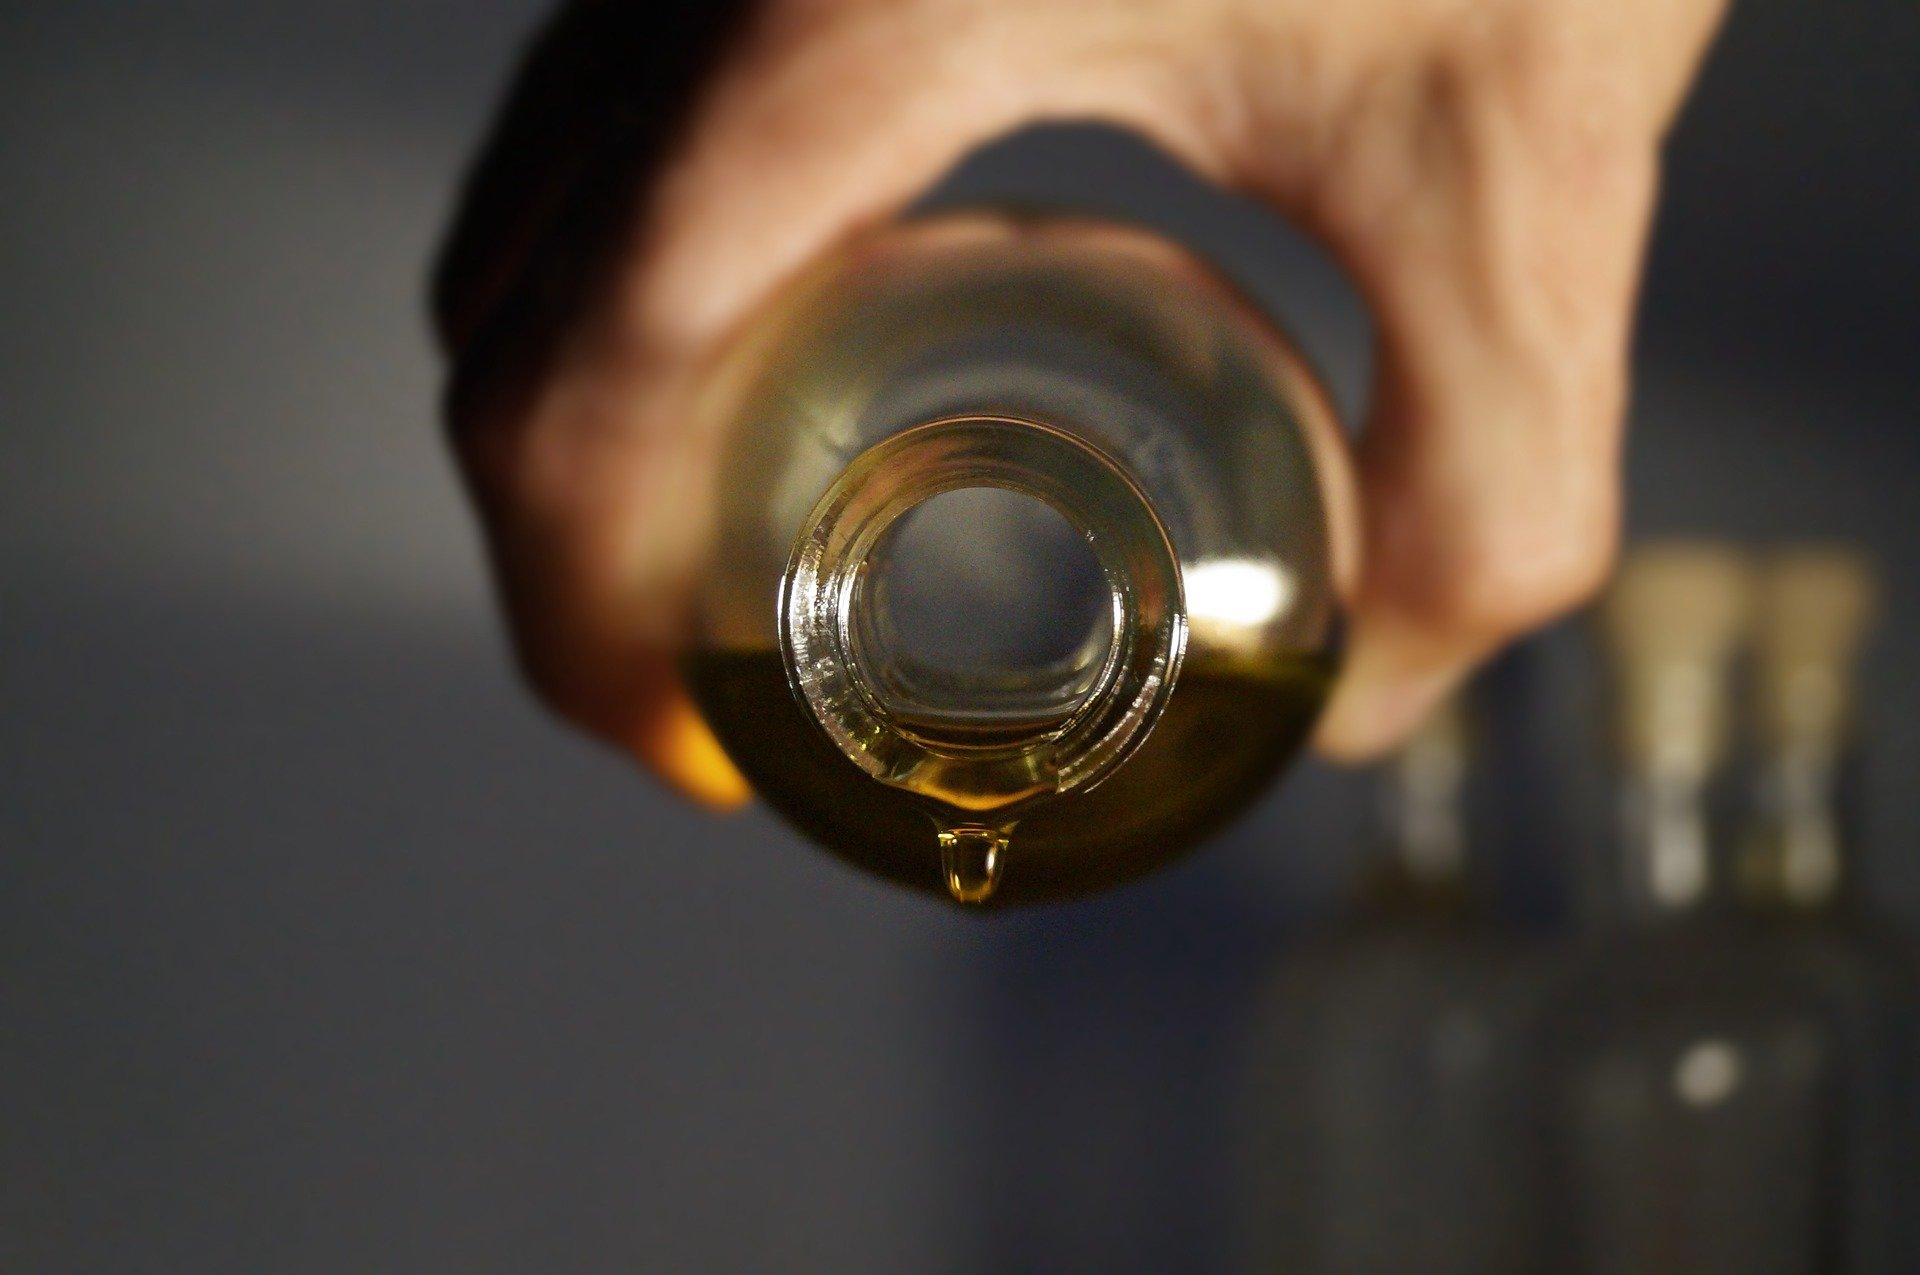 essential-oils-2918183_1920 - Copie.jpg